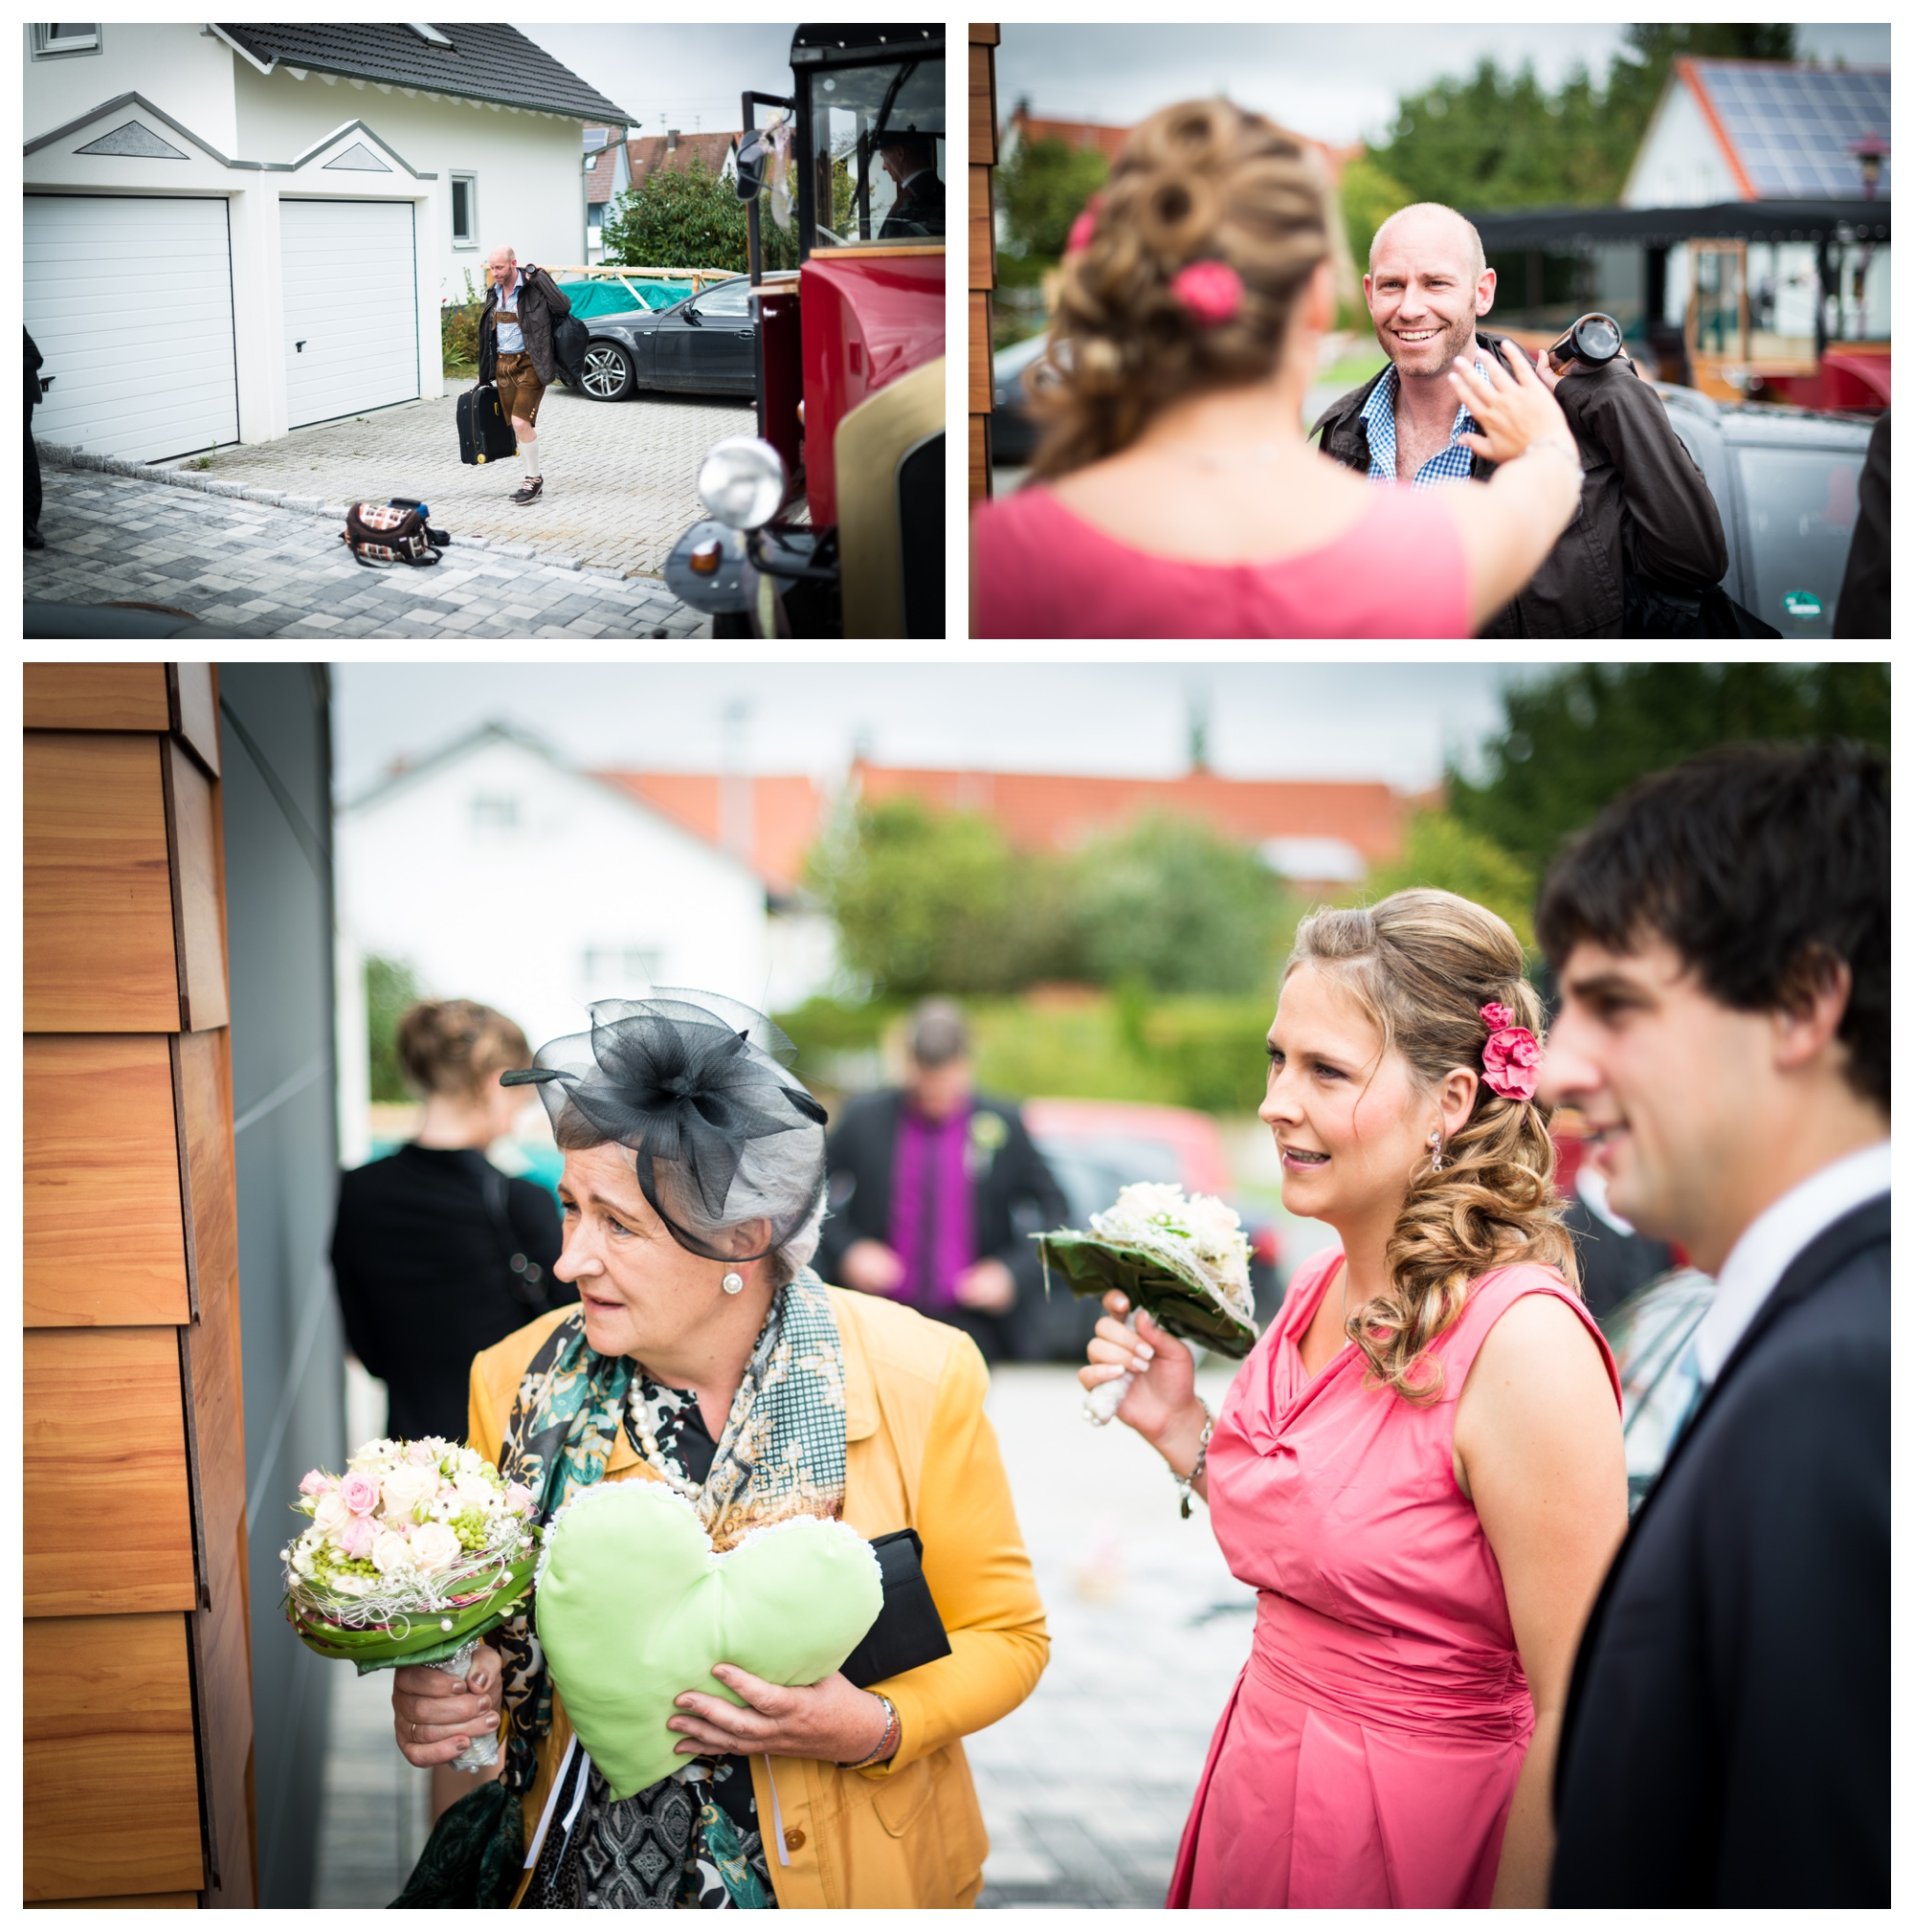 Fotograf Konstanz - 2013 12 09 0006 - Als Hochzeitsfotograf in Bad Dürrheim unterwegs  - 15 -